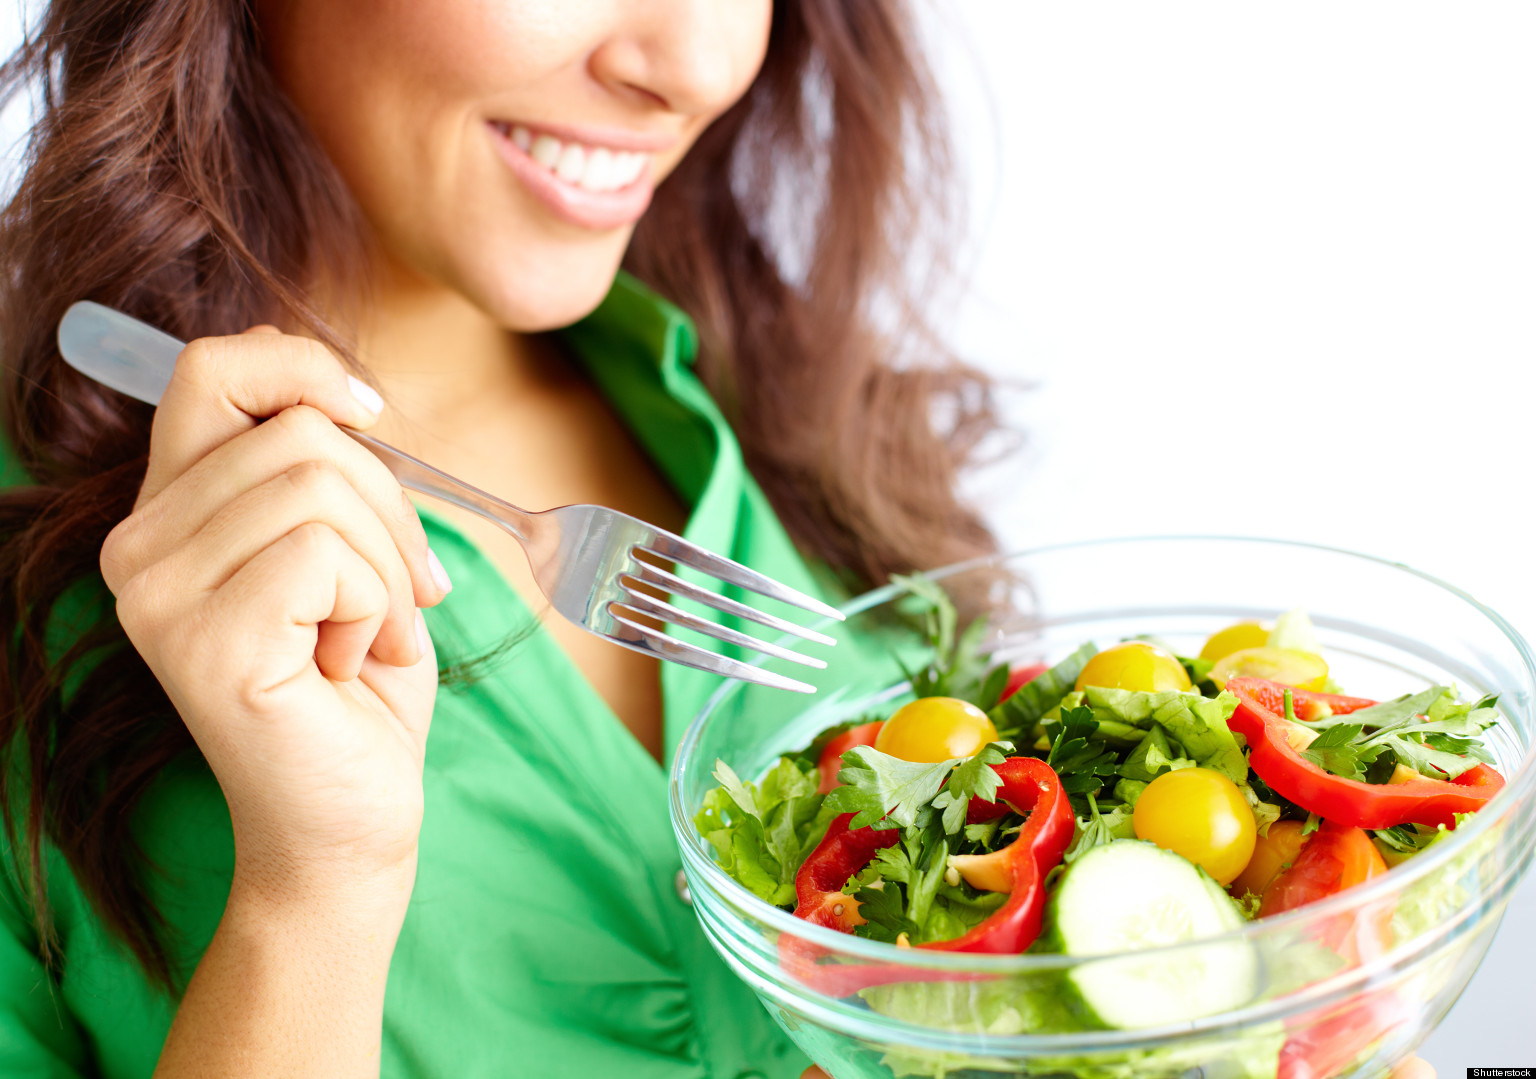 zayıflama, yemek yiyerek zayıflama, sağlıklı zayıflama